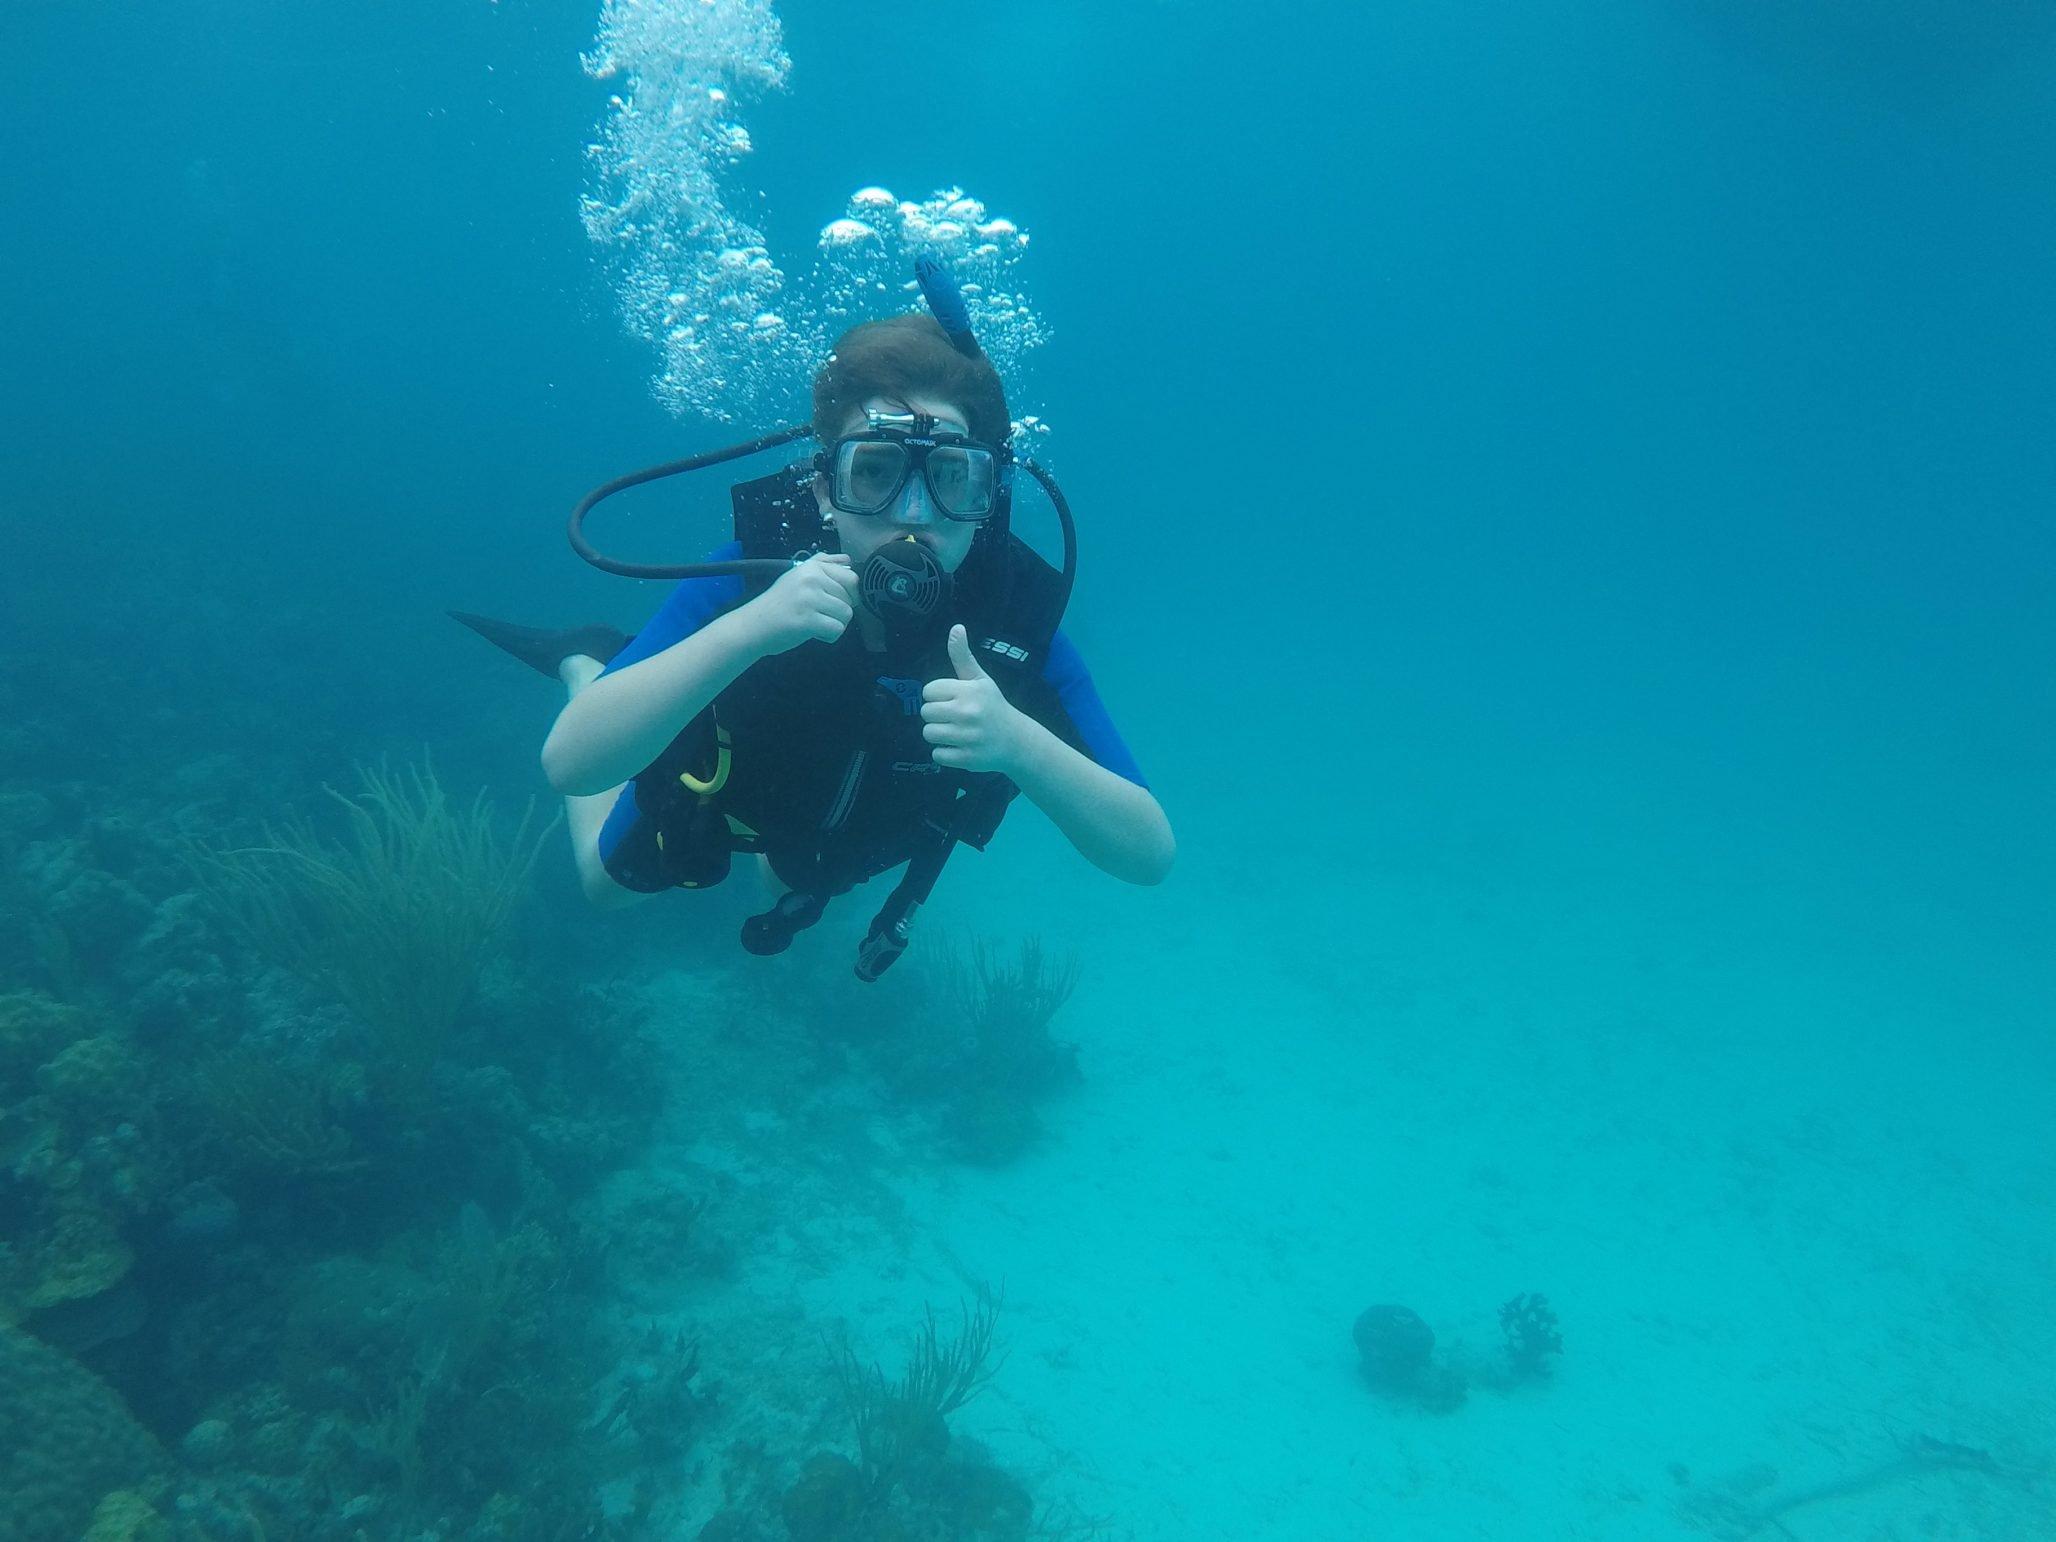 Trainee Scuba Diver, Gozo, Malta